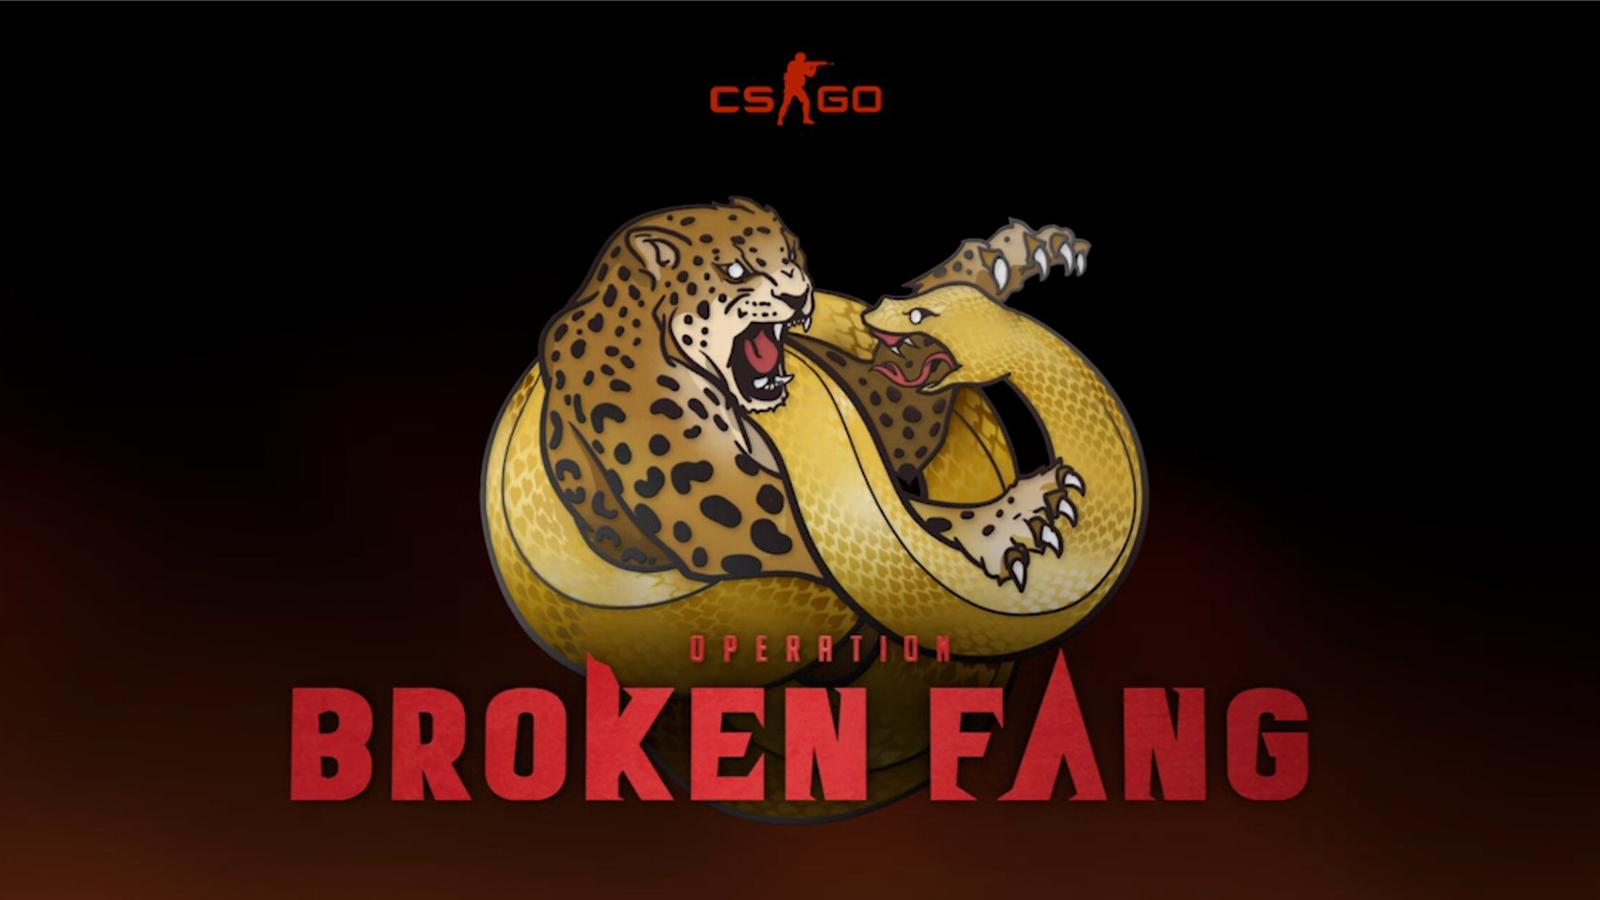 Operation Broken Fang CS:GO